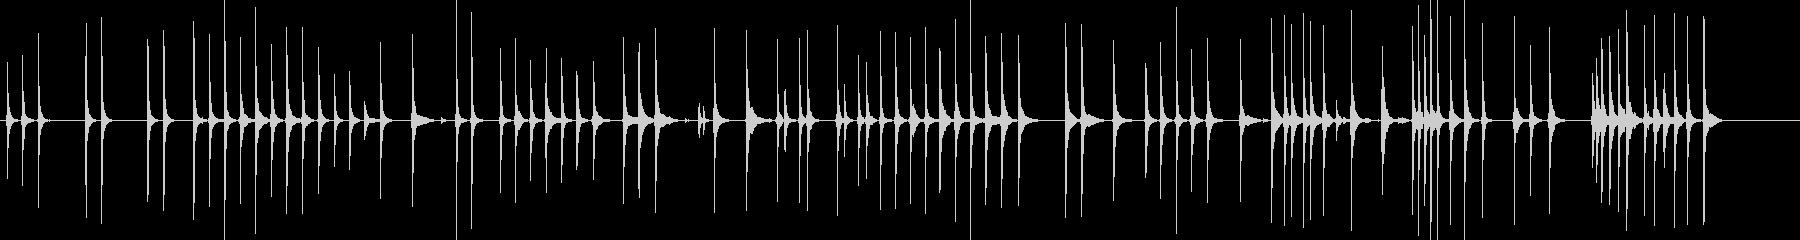 三味線72鷺娘3吹けど生音歌舞伎妖怪鷺雪の未再生の波形